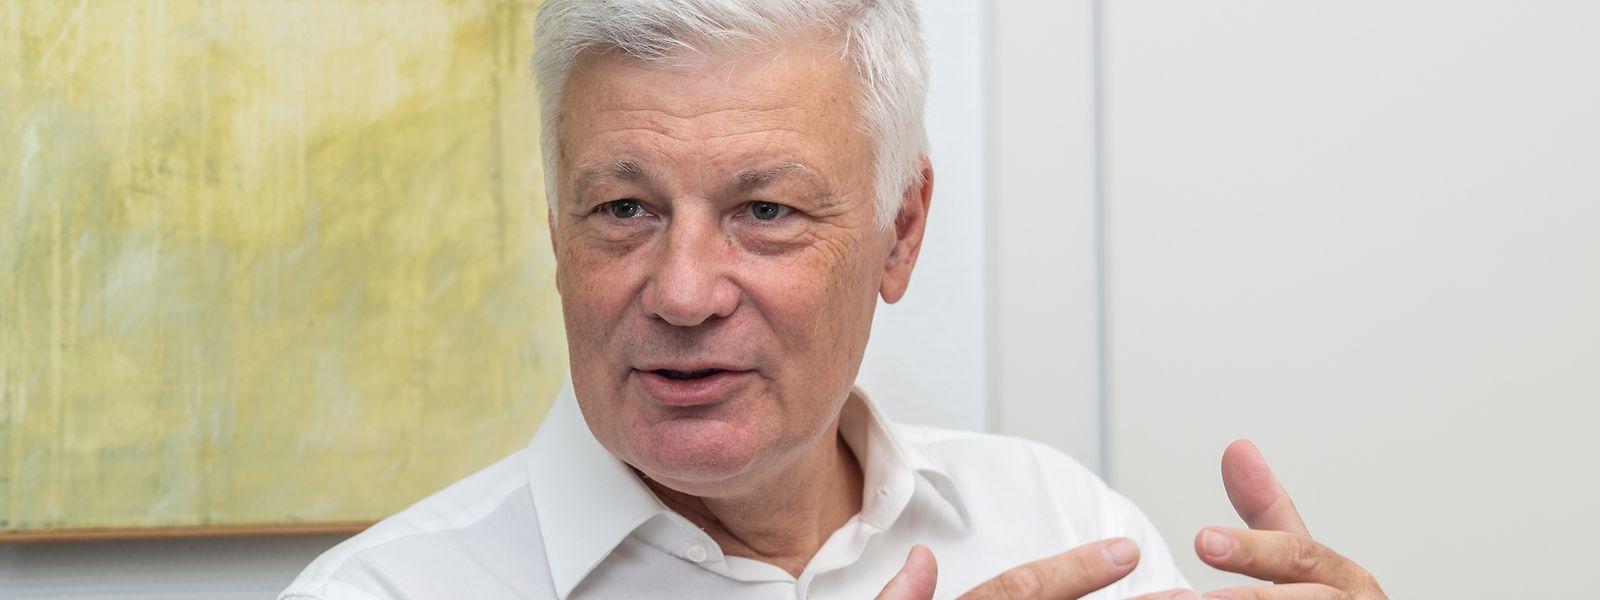 Der CSV-Vorsitzende Claude Wiseler ist zuversichtlich, dass seine Partei nach den internen Streitereien wieder zusammenfindet und dann auch wieder besser bei den Umfragen abschneidet.